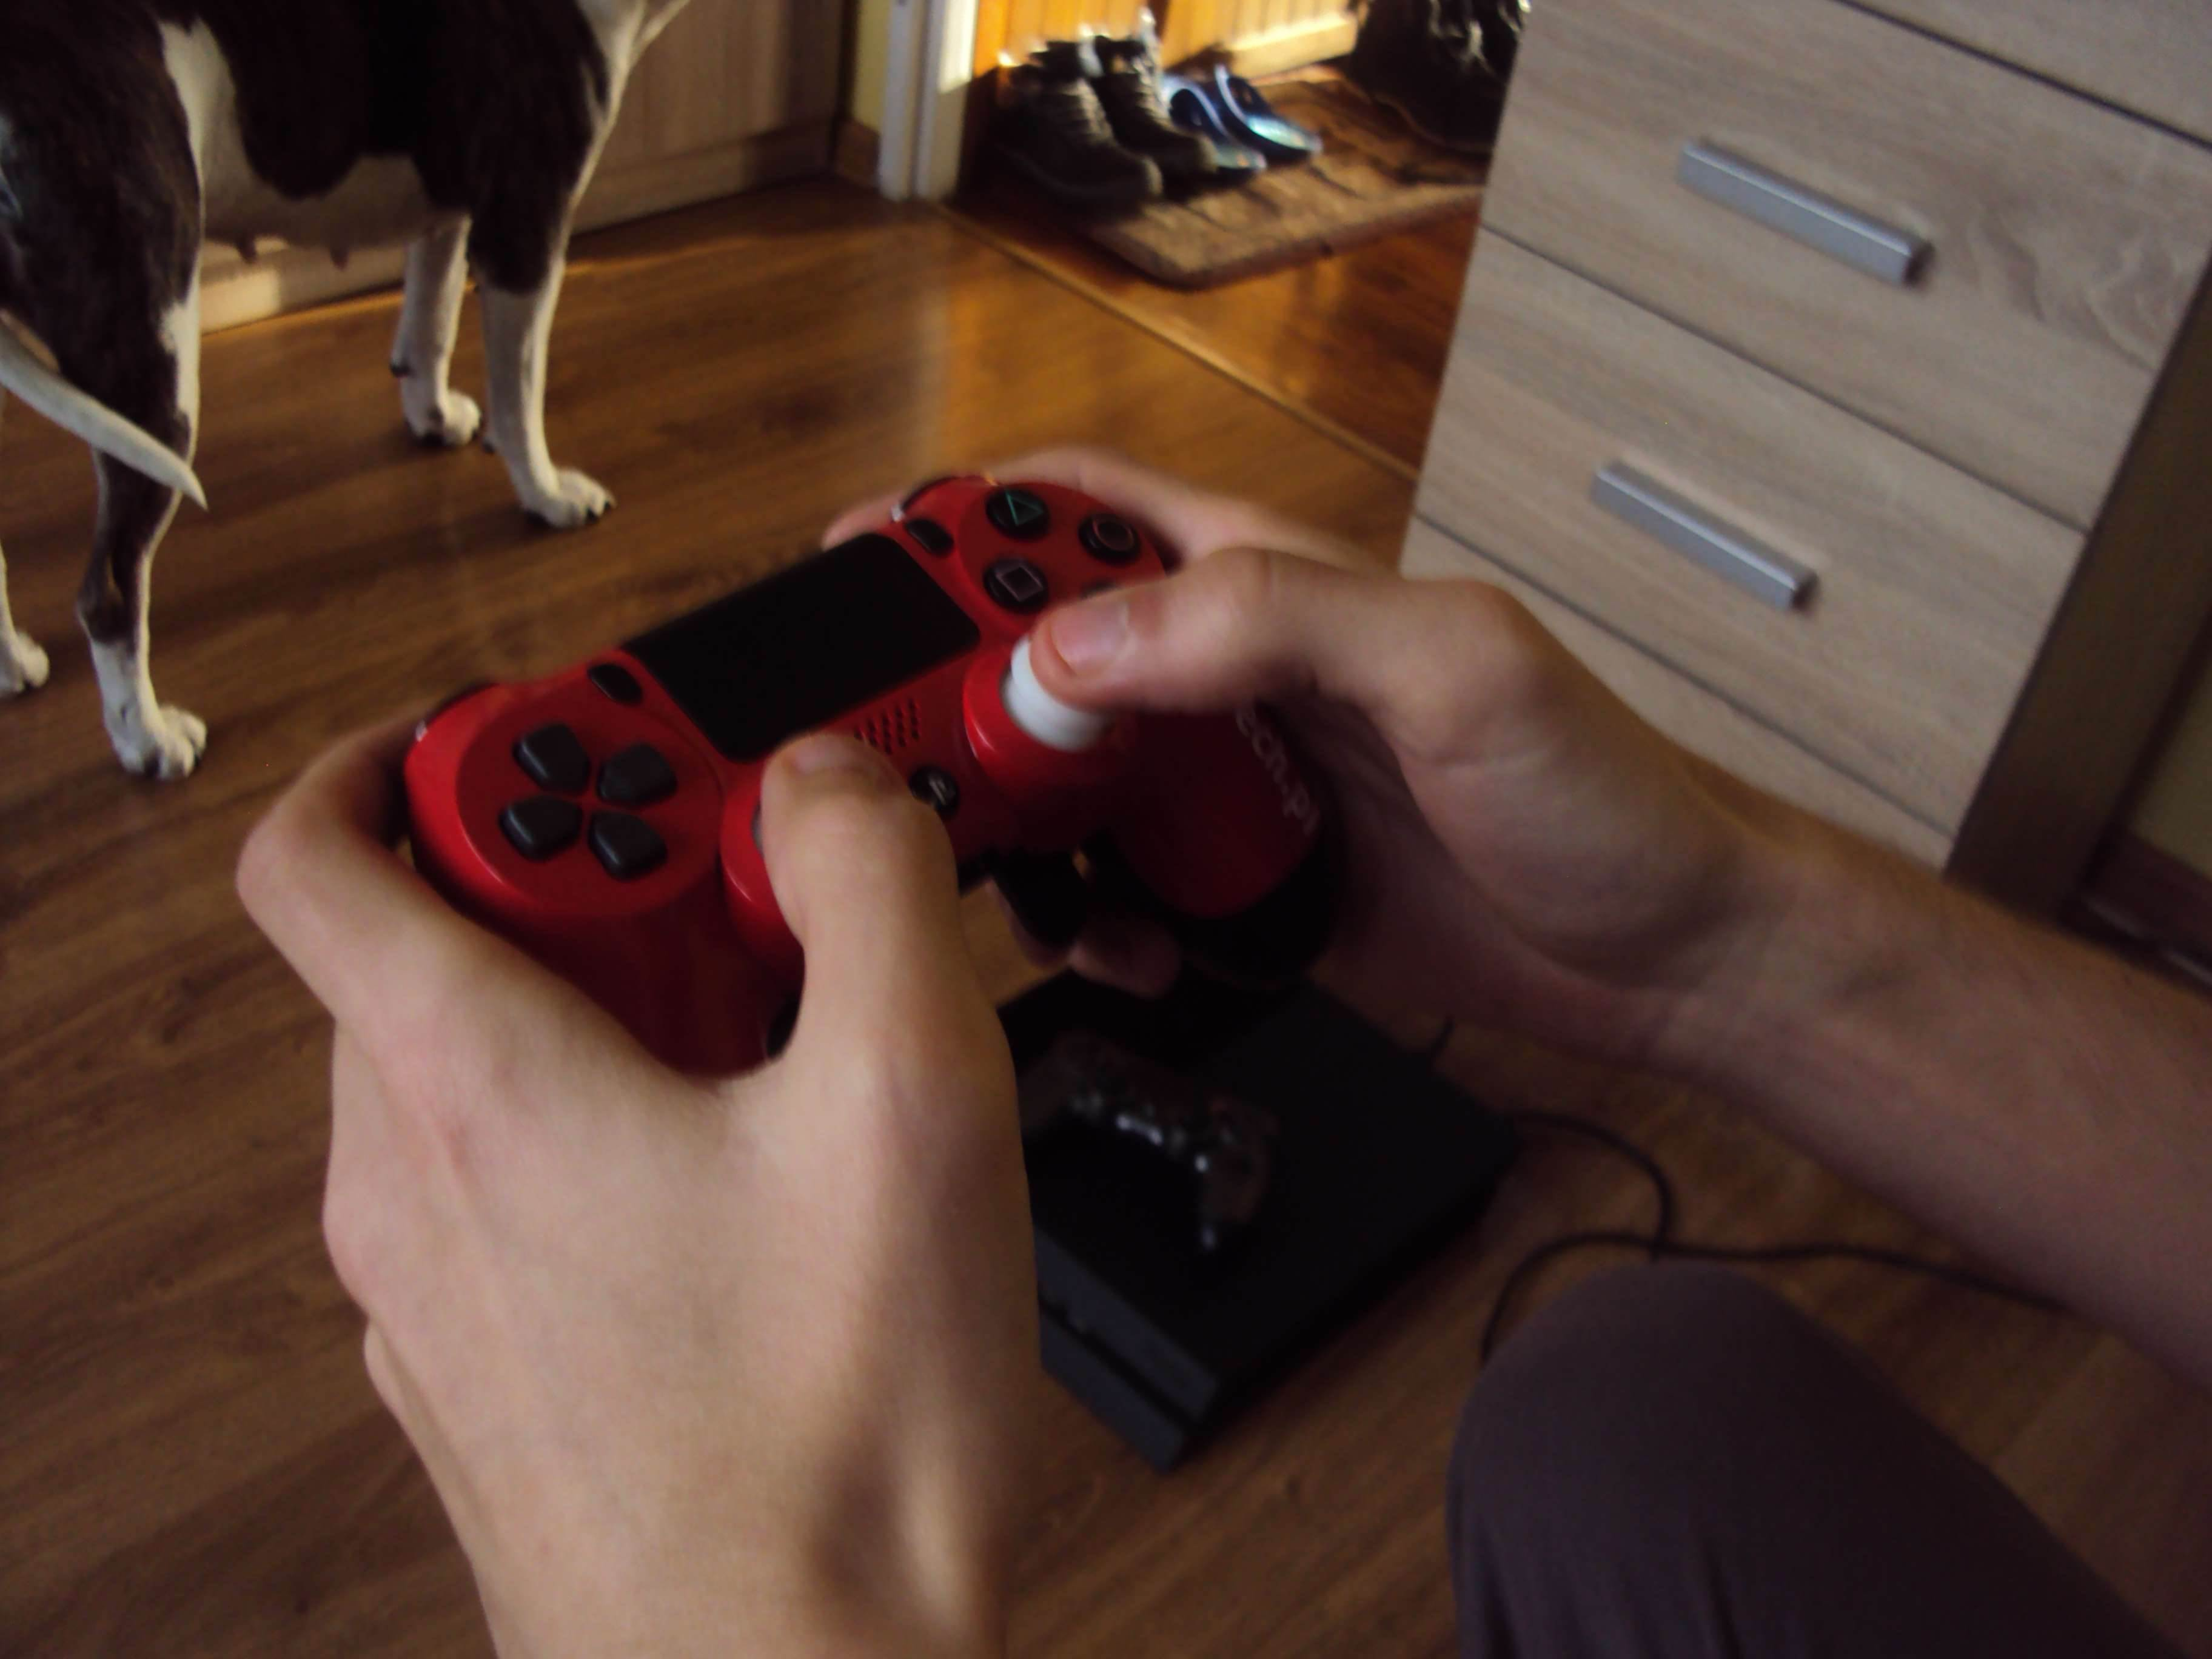 Sony DualShock 4 (ShockControllers) - test i recenzja recenzje, ciekawostki Sony DualShock 4, ShockControllers, Recenzja  Do tej pory moim jedynym niestandardowym kontrolerem (przynajmniej według wyglądu) był DualShock 4 z limitowanej edycji Metal Gear Solid V The Phantom Pain. DSC02667